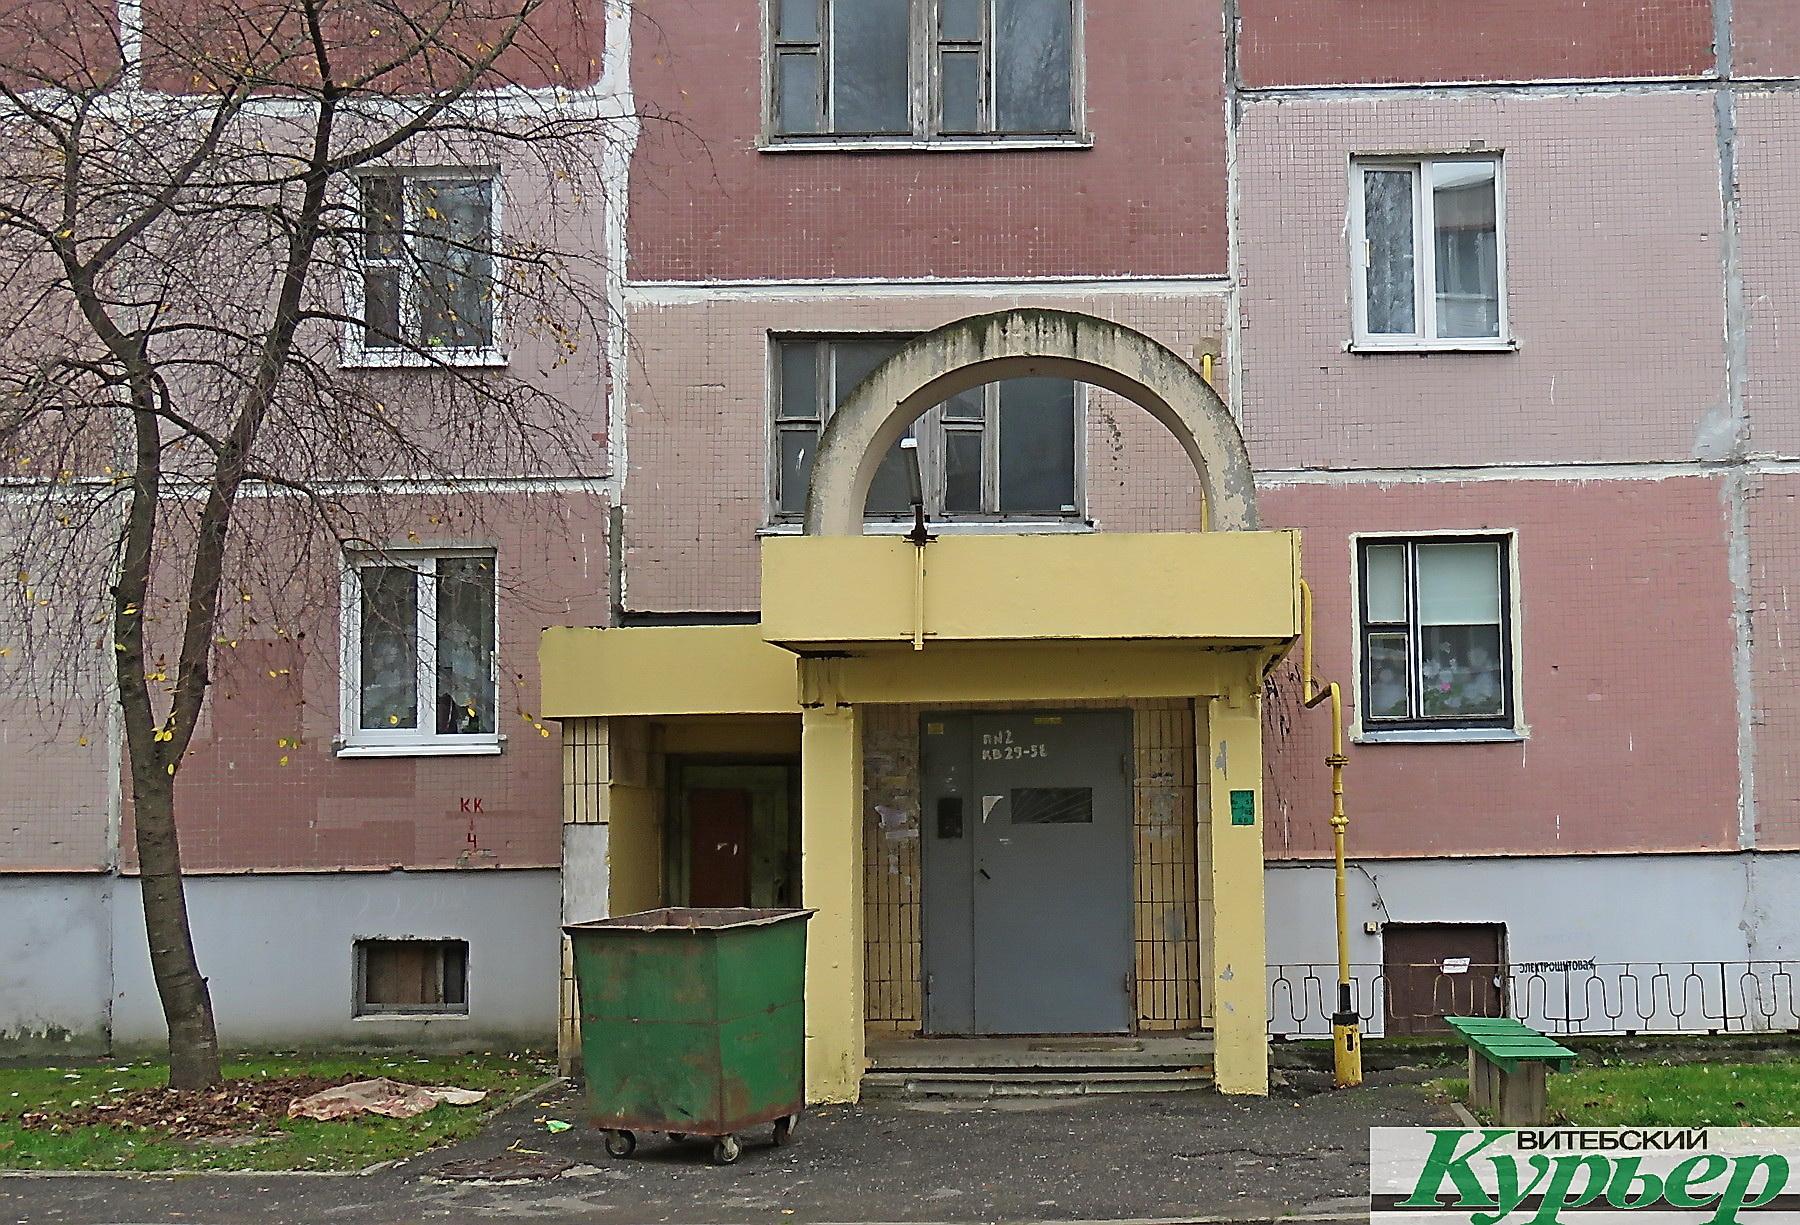 Несколько лет жильцы дома по улице Гагарина в Витебске жалуются в ЖКХ на воду в подъезде. Но никто не принимает мер